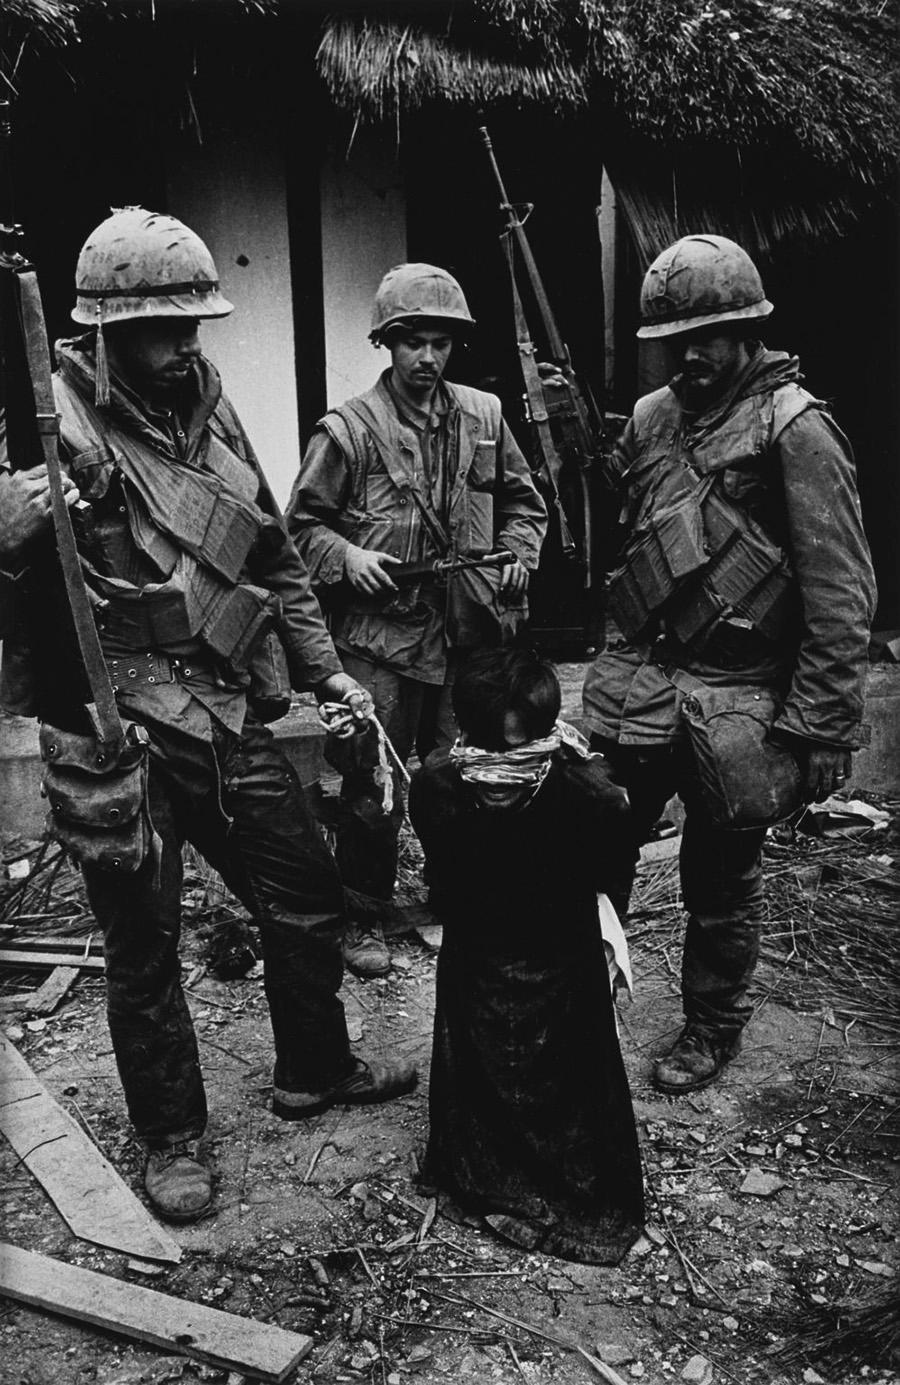 """""""Két tengerészgyalogos, igazi tajparasztok egy kis vietnamit vezettek körbe a nyakára tekert kötéllel… Letérdeltették, aztán a földre nyomták. Nyomorgatták és kínozták. Ugyanaz a gyáva, gyilkos  jelenet, mint amit Kongóban láttam, de itt, Ázsiában a szabadság bajnokai adták elő."""""""